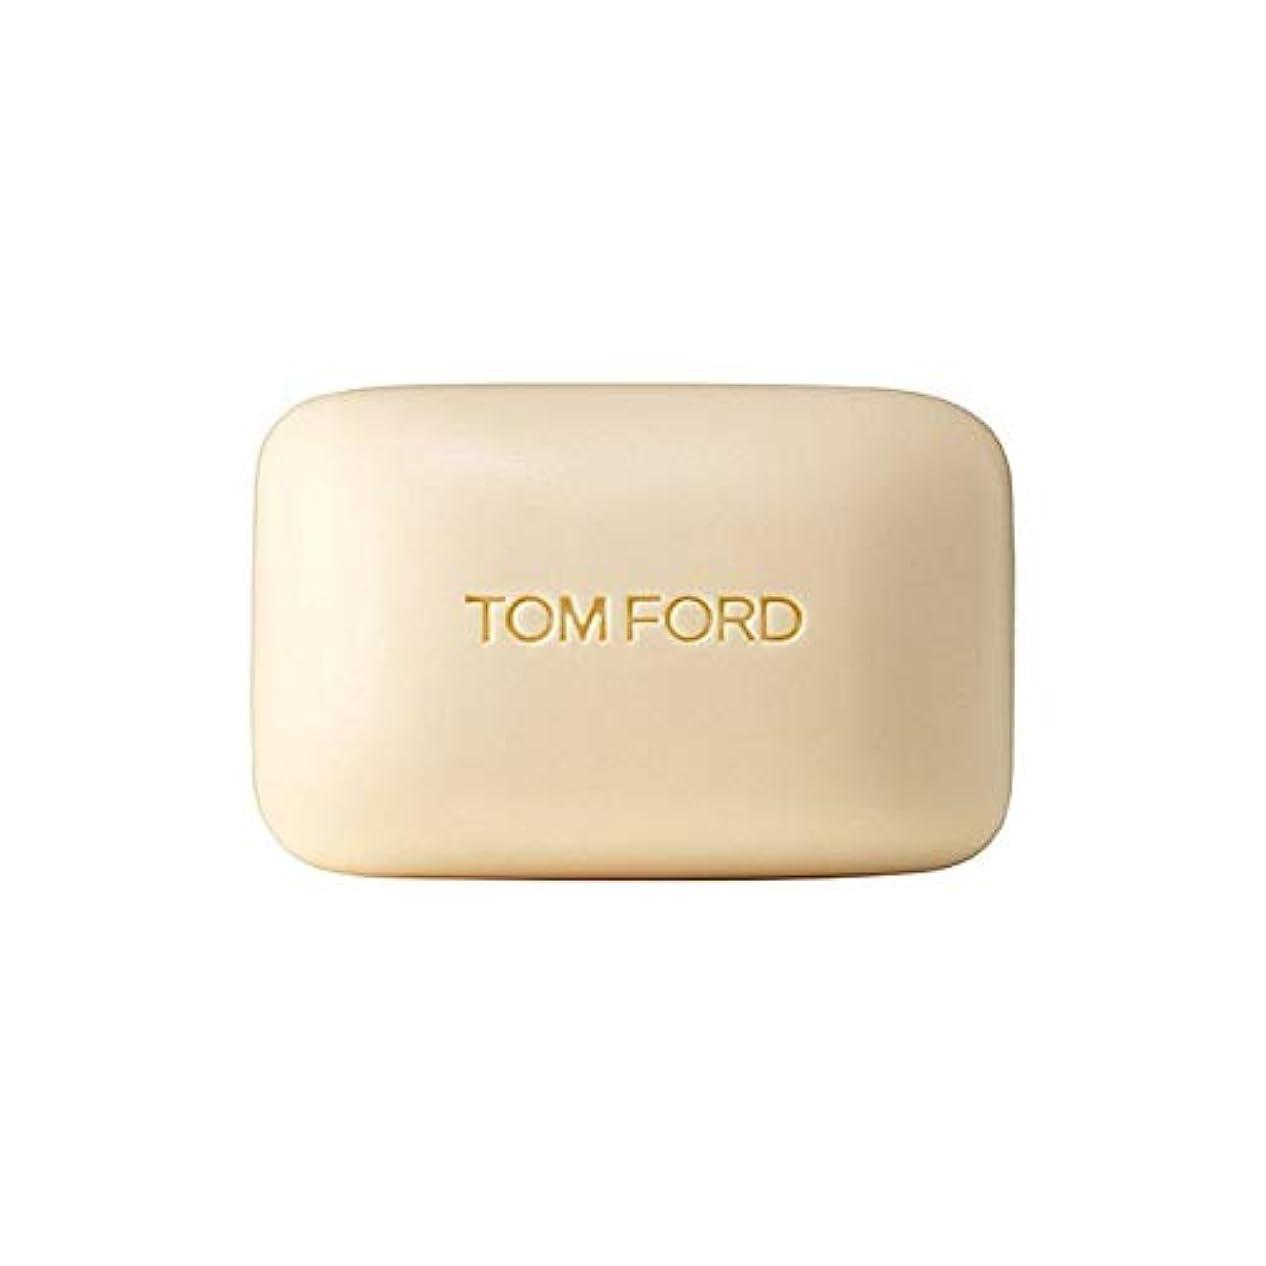 浪費かまど反乱[Tom Ford] トムフォードジャスミンルージュソープバー150グラム - Tom Ford Jasmin Rouge Soap Bar 150G [並行輸入品]